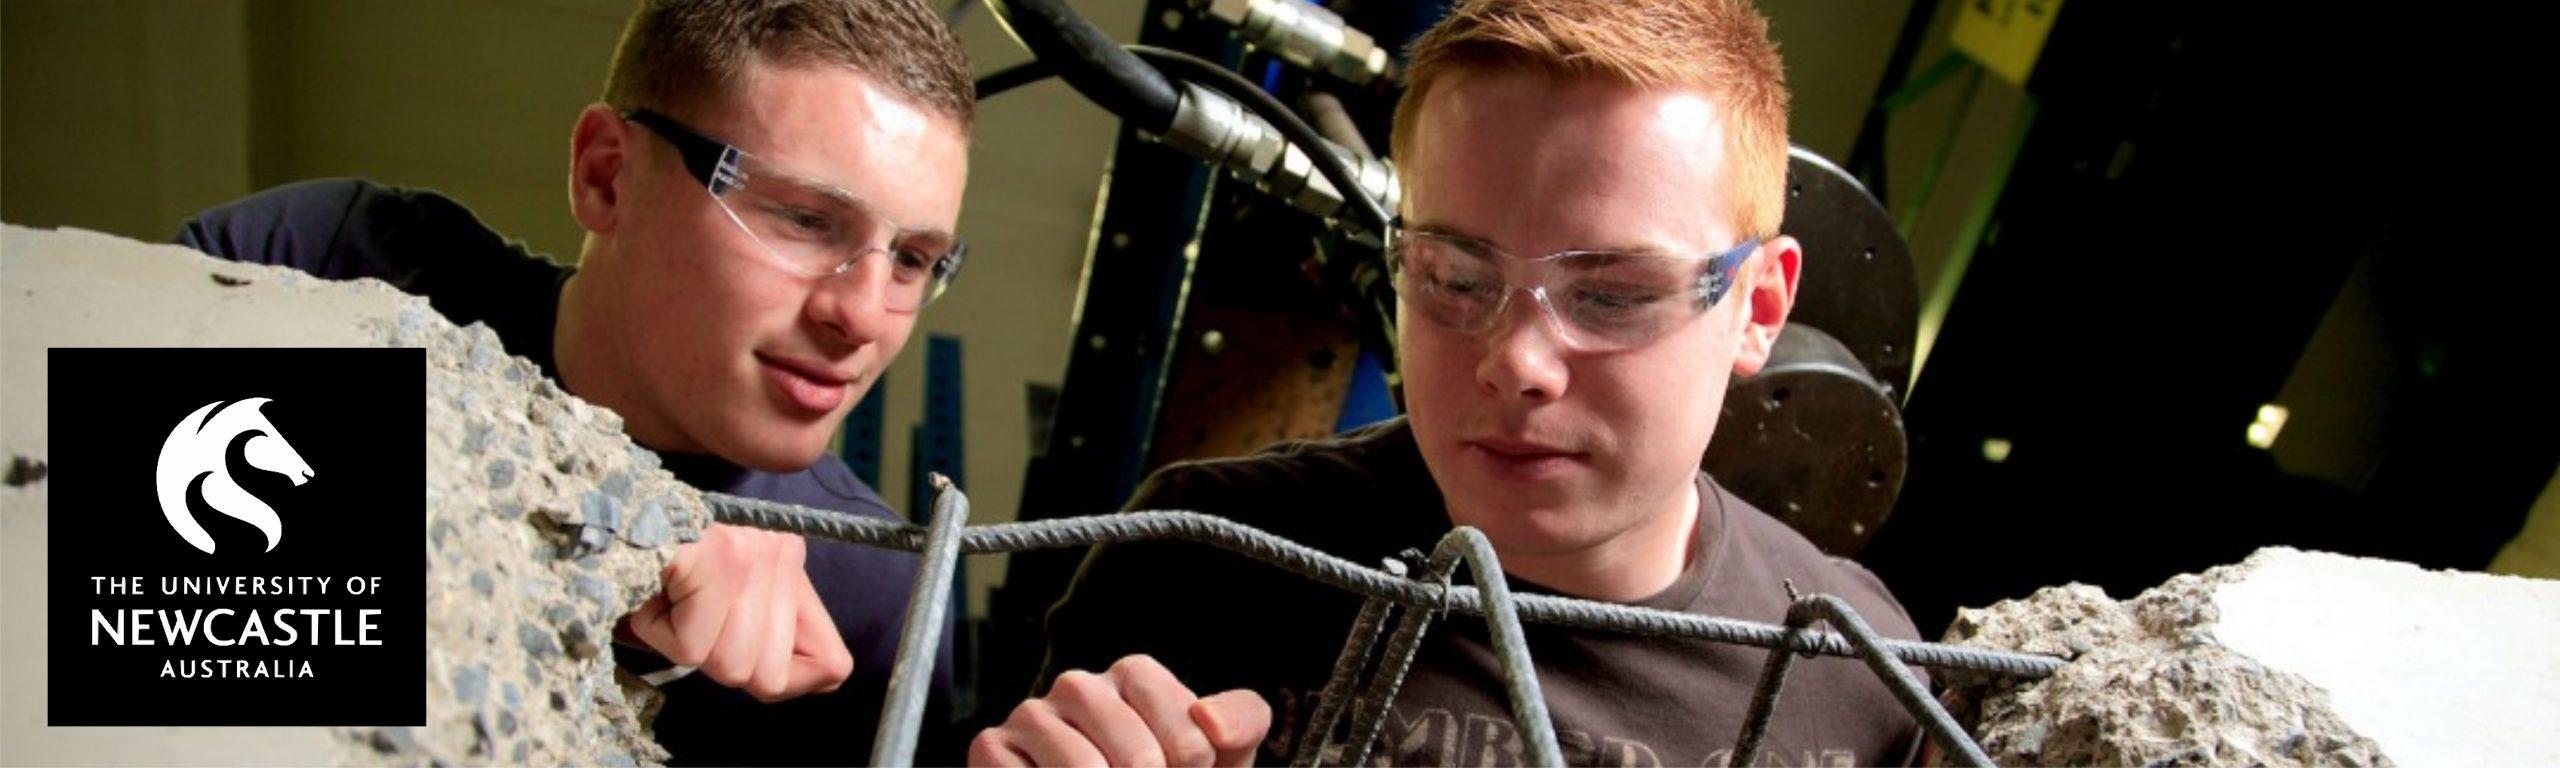 University of Newcastle Web scaled